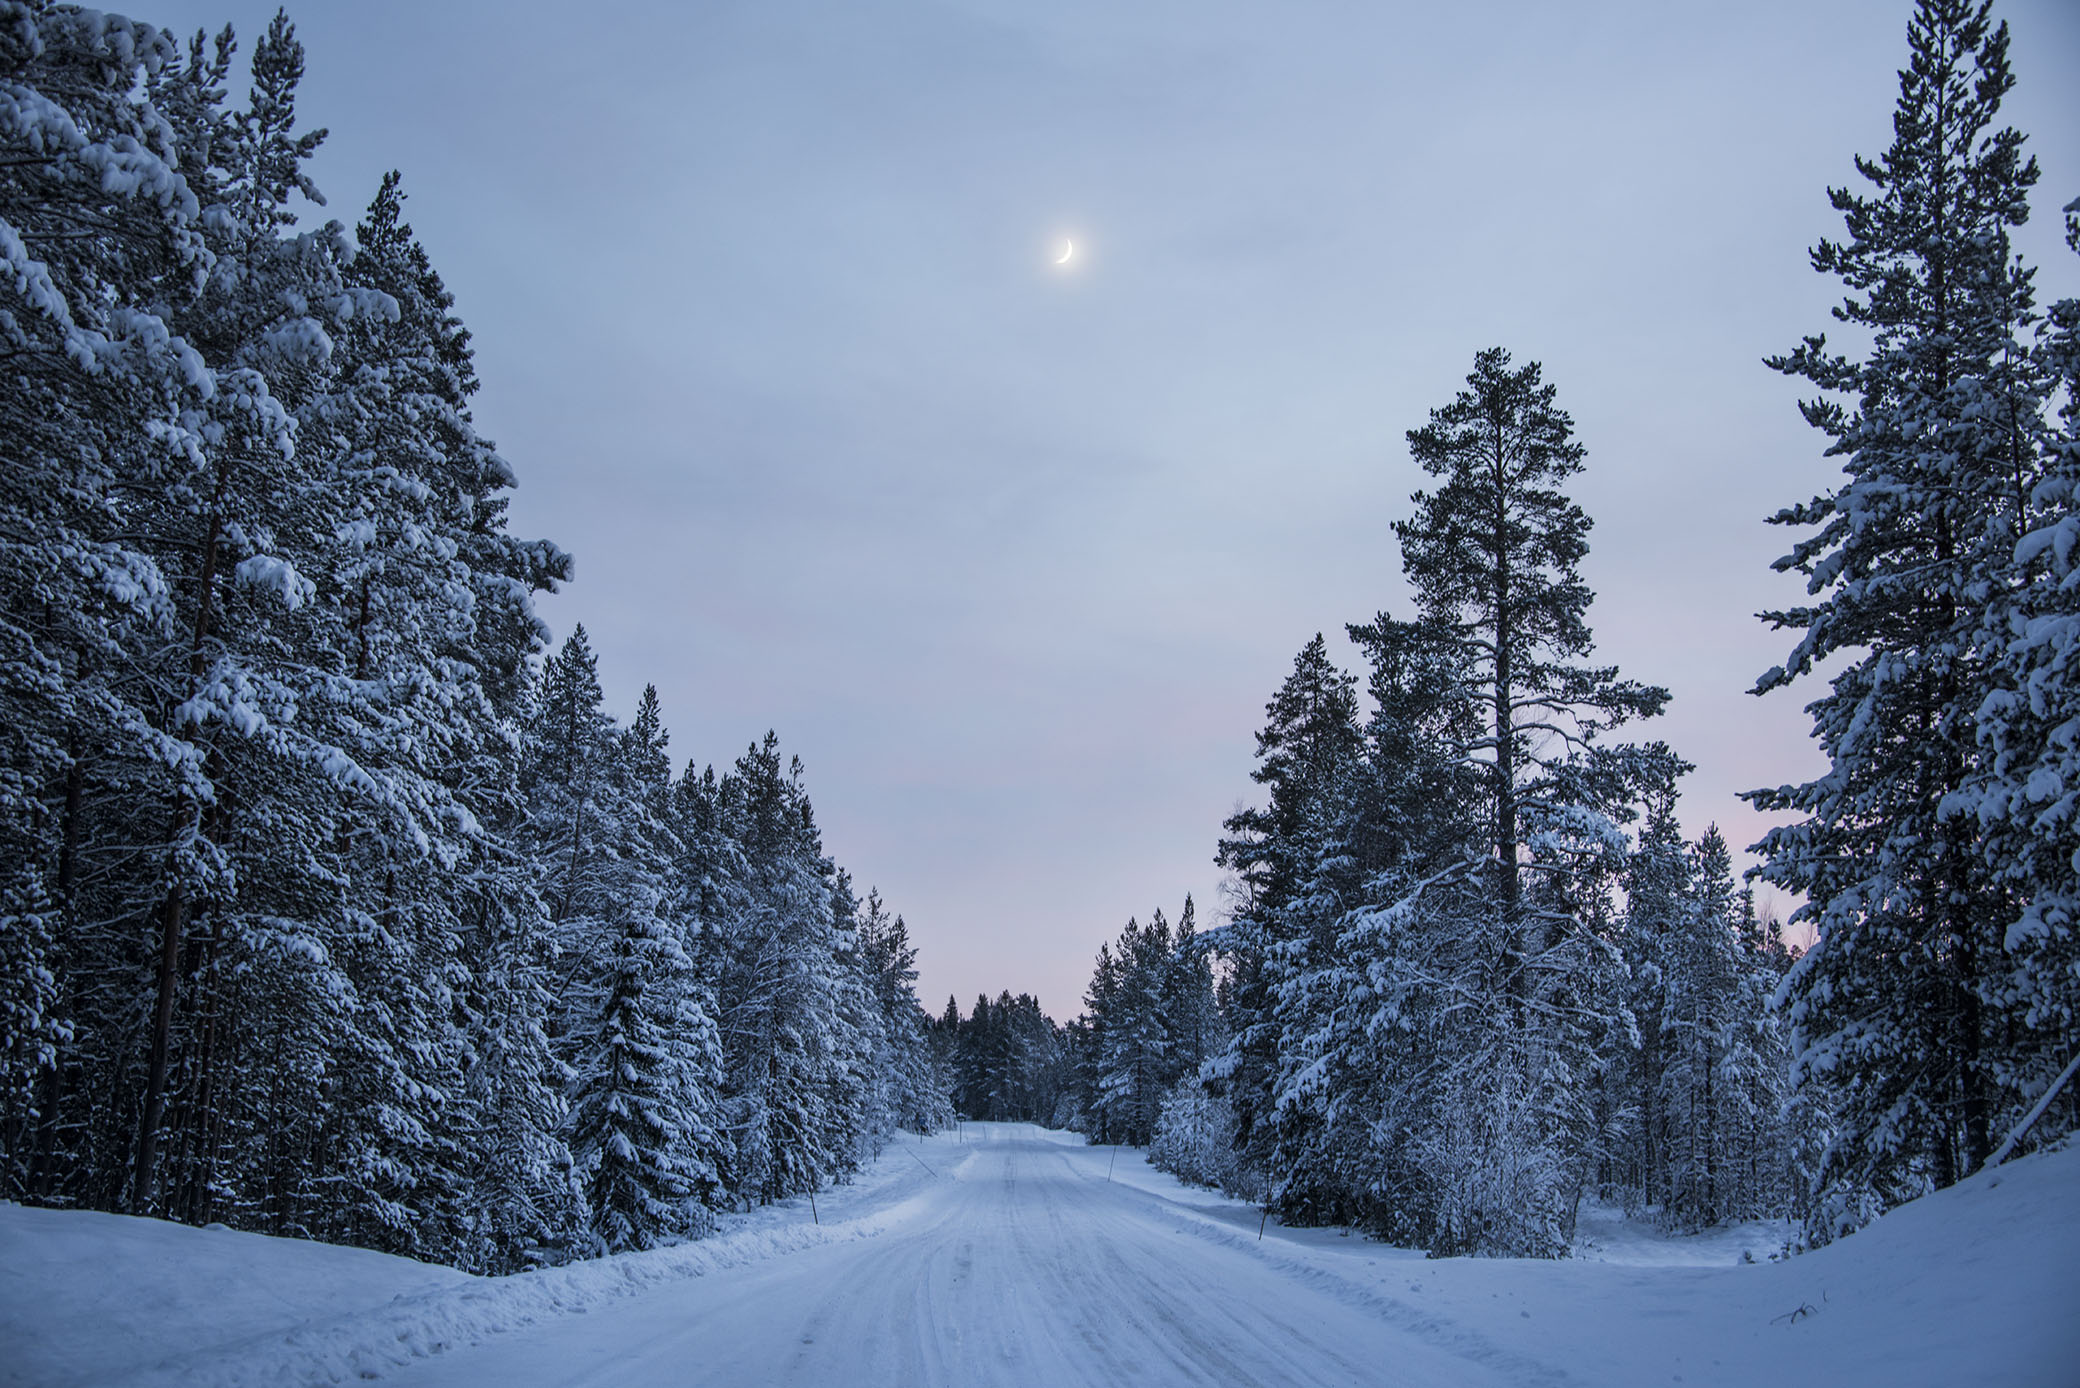 Men att fota i skymning och i mörkret är ju något jag älskar också. Speciellt sista tiden då det var så otroligt vackra nätter med miljontals stjärnor och en liten månskära som lyst upp i natten. Med riktigt mycket kläder går det att njuta av en vinternatt med -30 grader ute. Det är så magiskt vackert på något sätt. Alldeles tyst och stilla.